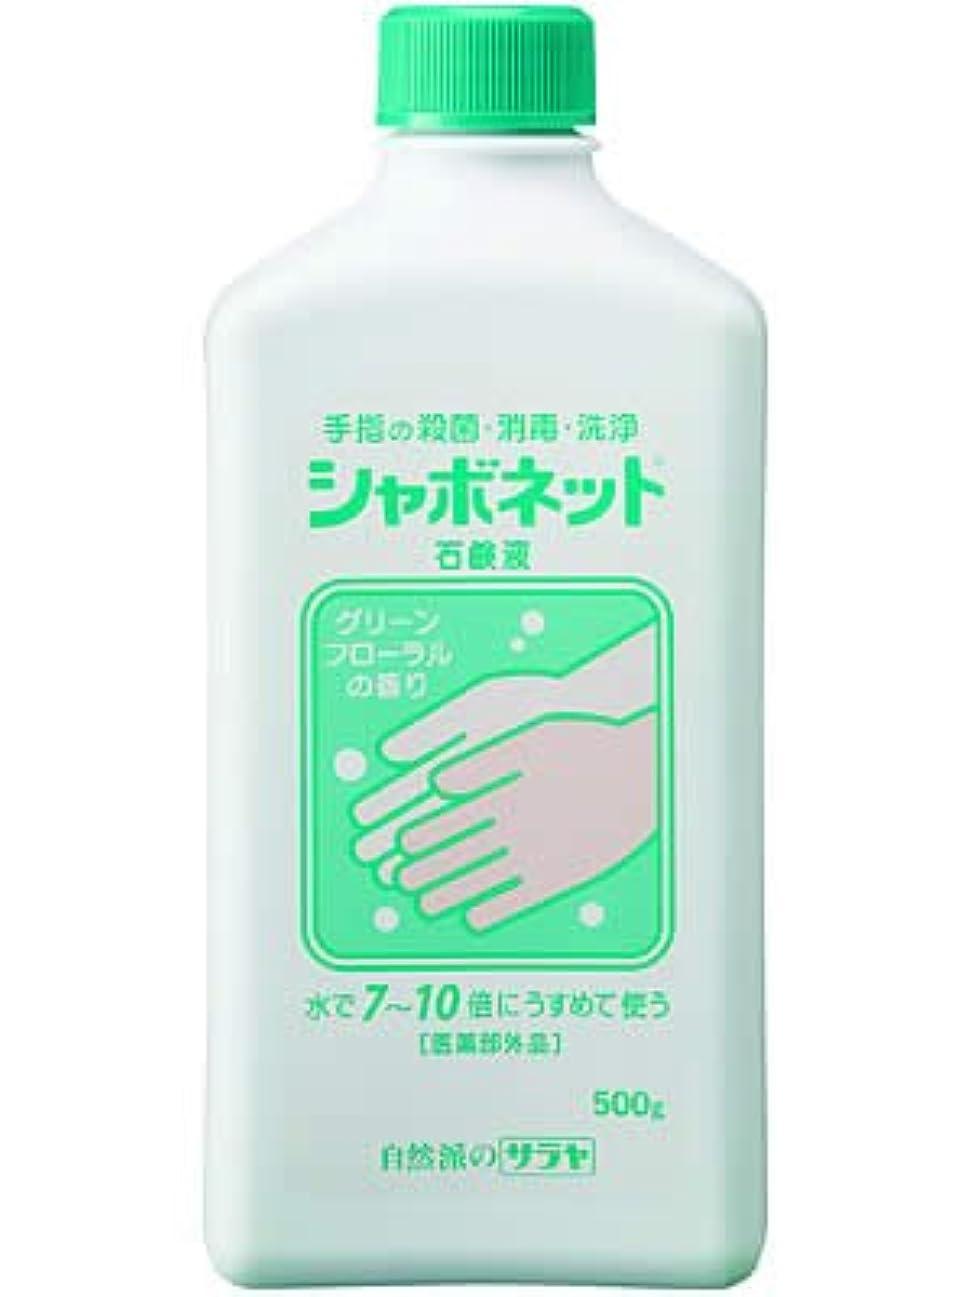 独裁者遅れこんにちはシャボネット 石鹸液 500g ×5個セット